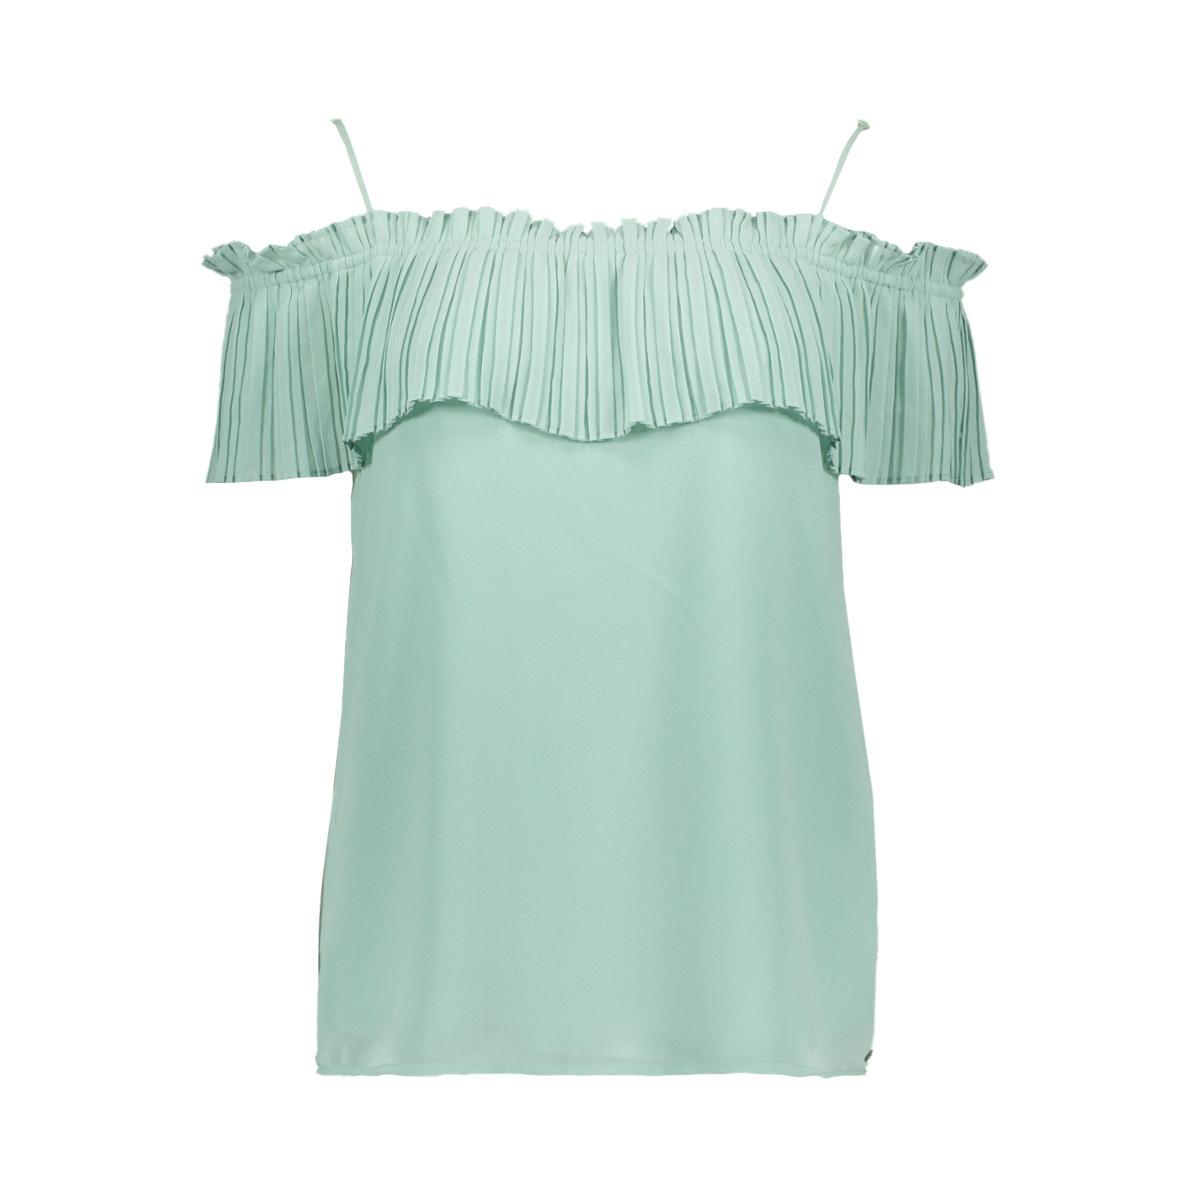 groen off shoulder shirt e90001 garcia t-shirt 2715 perfect mint